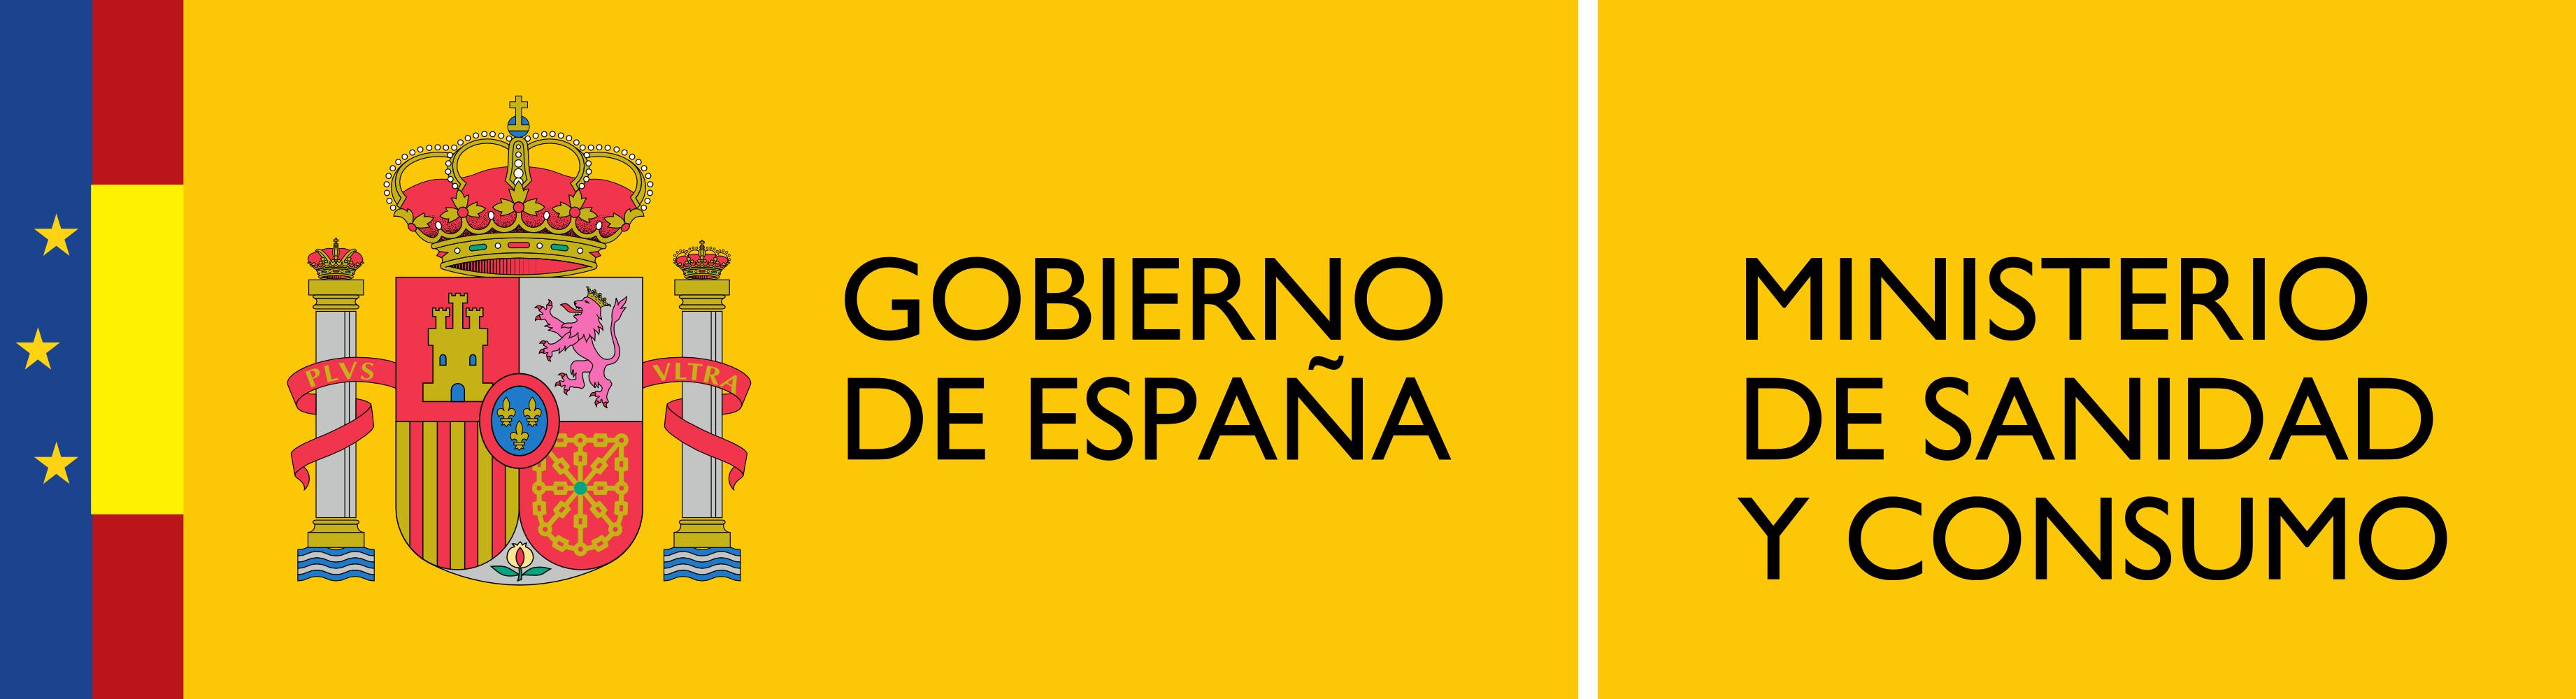 Logotipo_del_Ministerio_de_Sanidad_y_Consumo